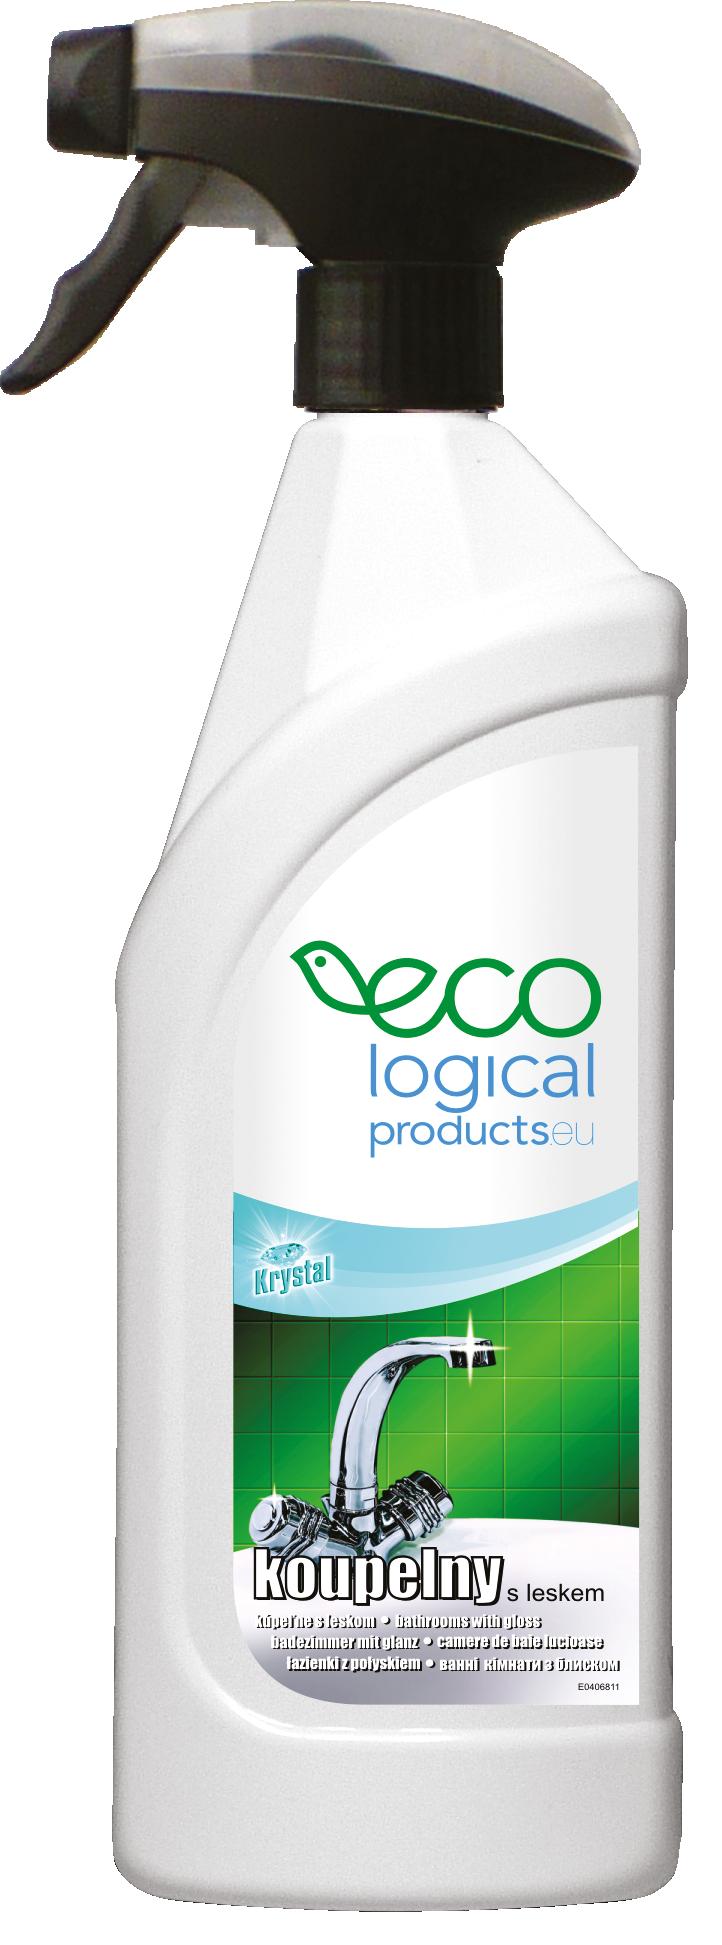 Díky ECO výrobkům je vodní kámen v koupelně minulostí a za skvělou cenu